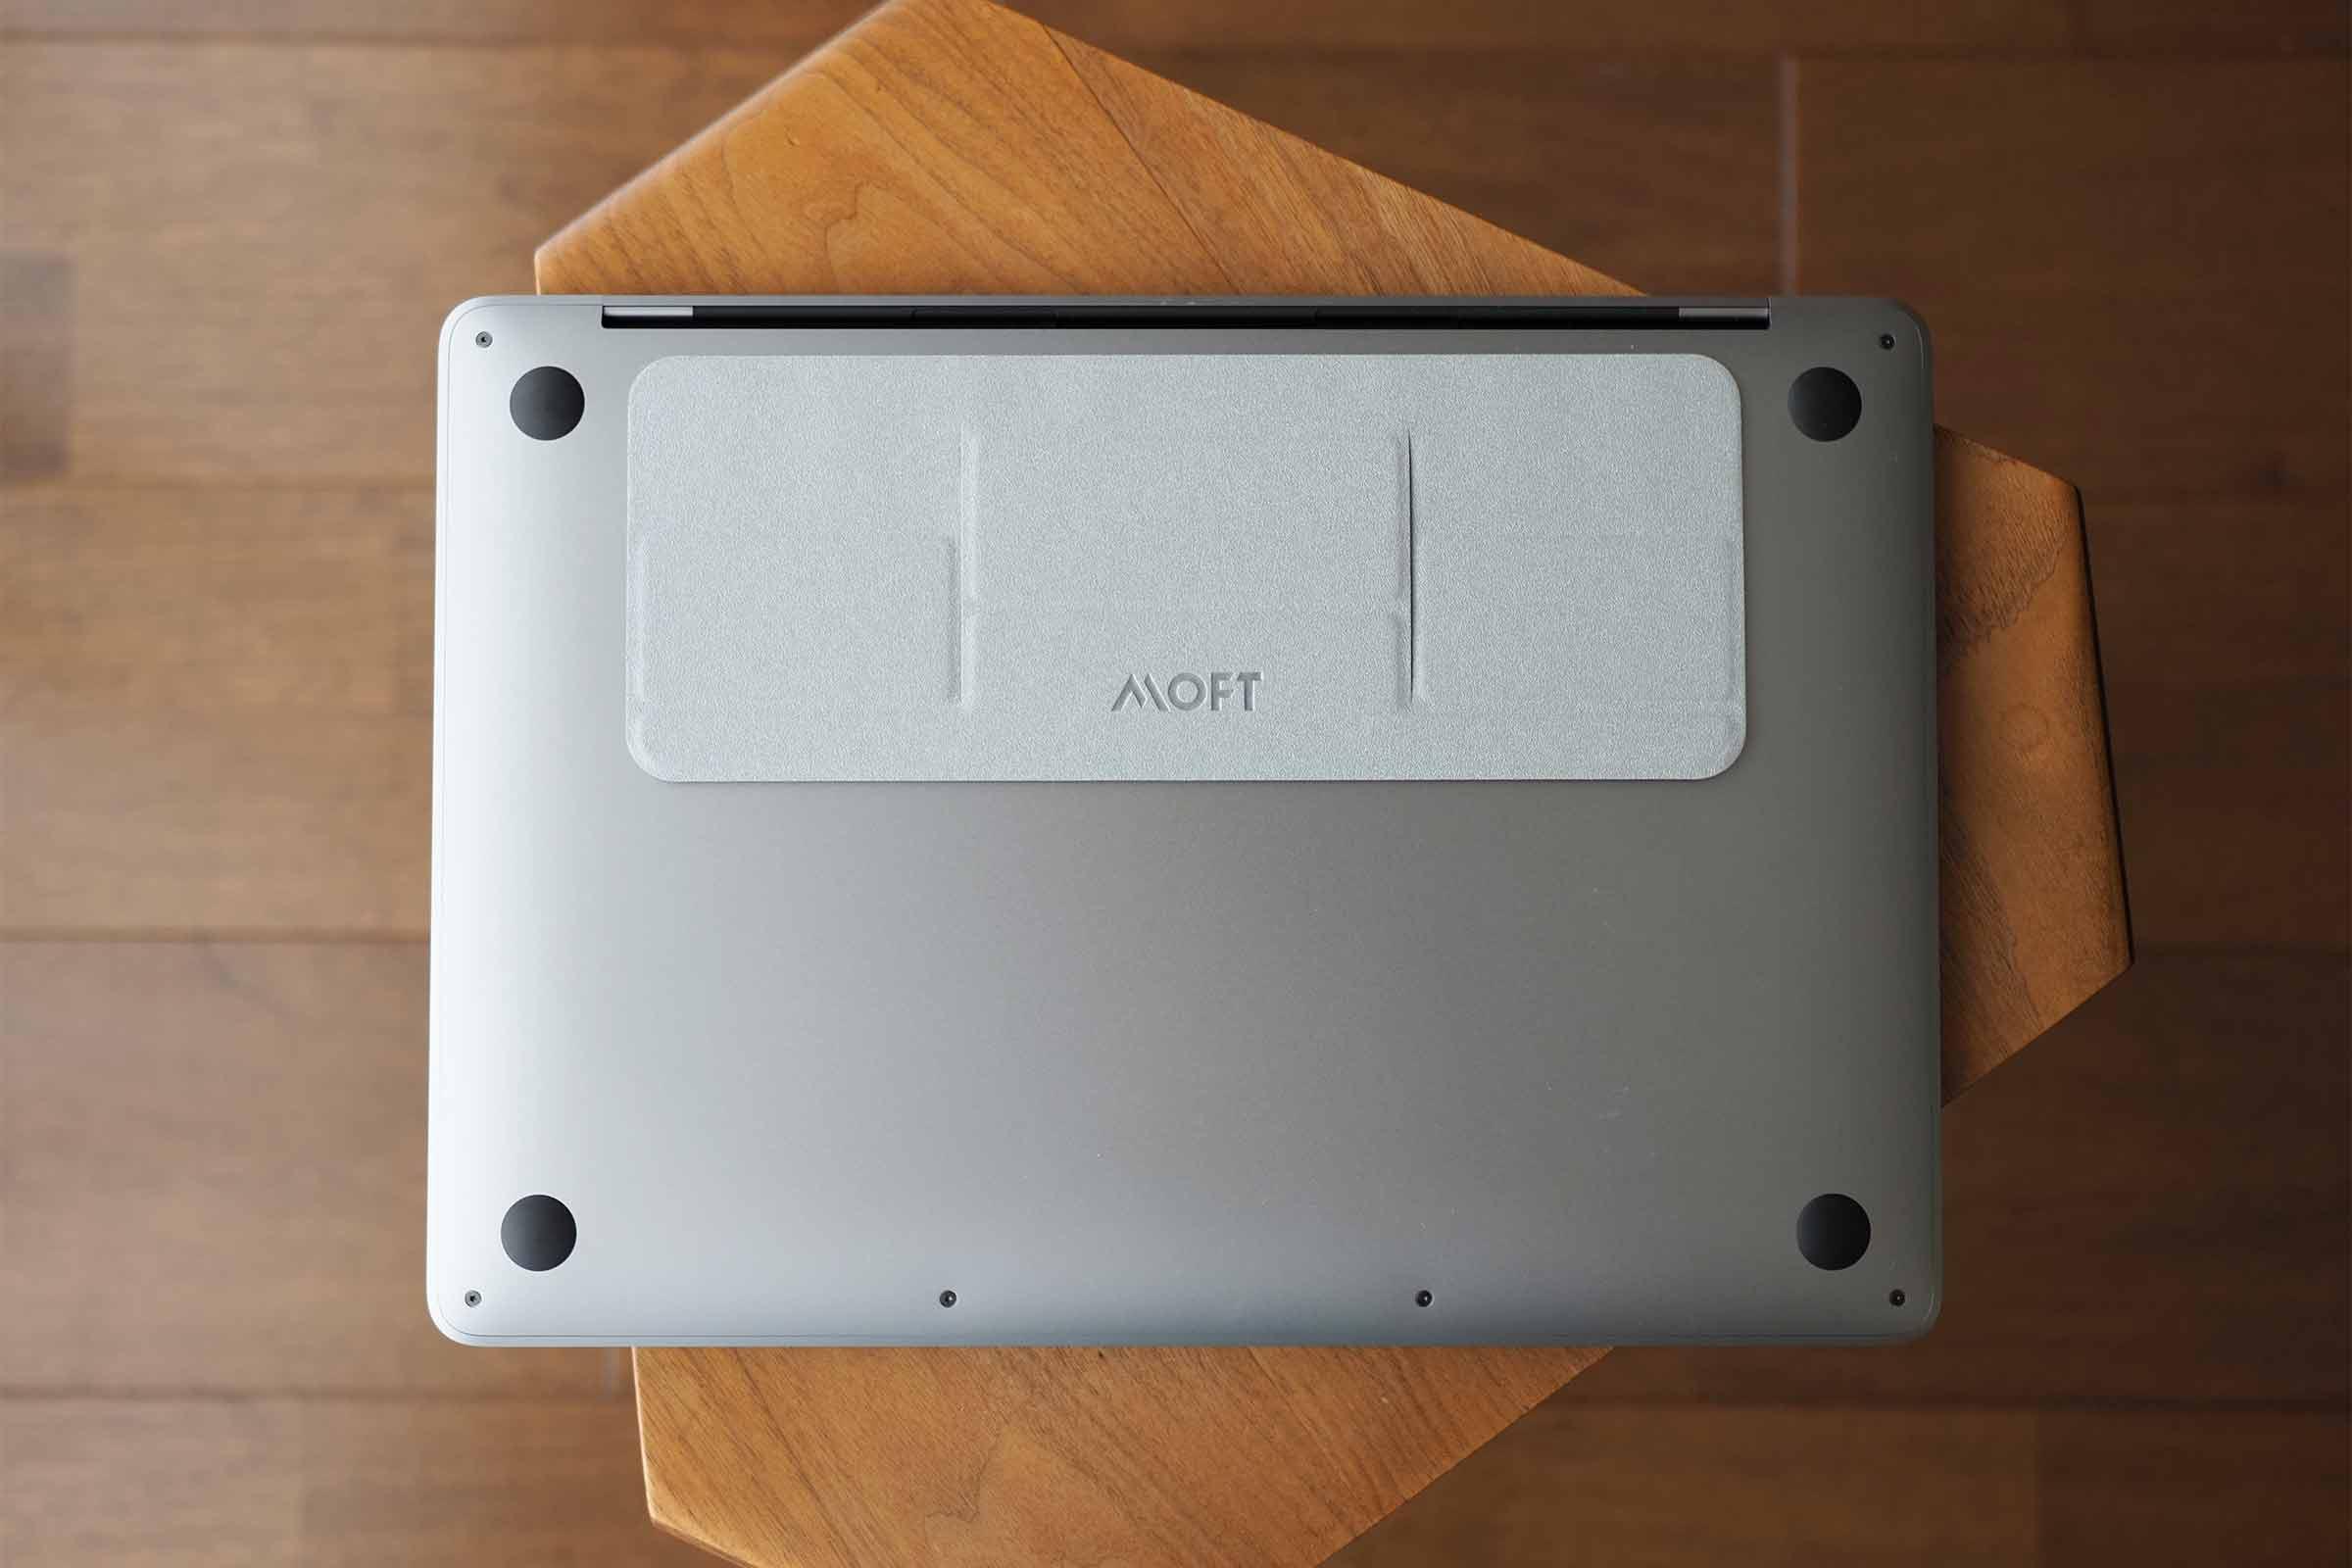 moft,MOFTmini,PCスタンド,パソコンスタンド,クラウドファンディング,薄い,安い,コスパ,気にならない